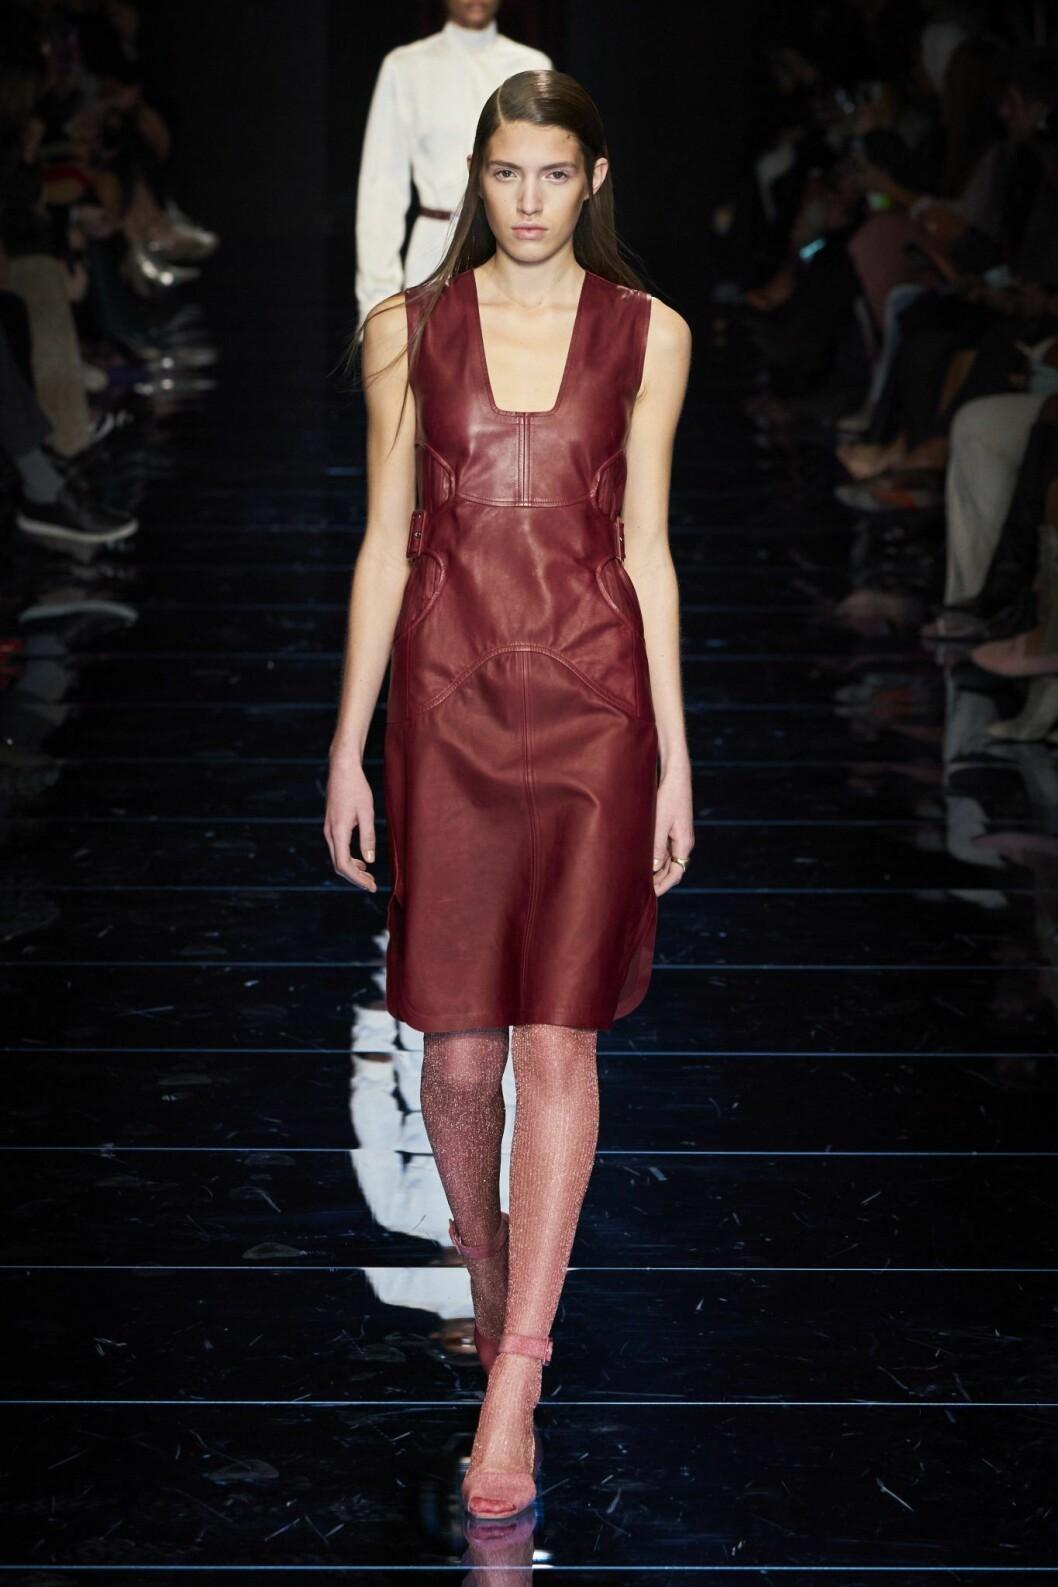 Läderklänning g Sportmax AW20 Milano Fashion Week.